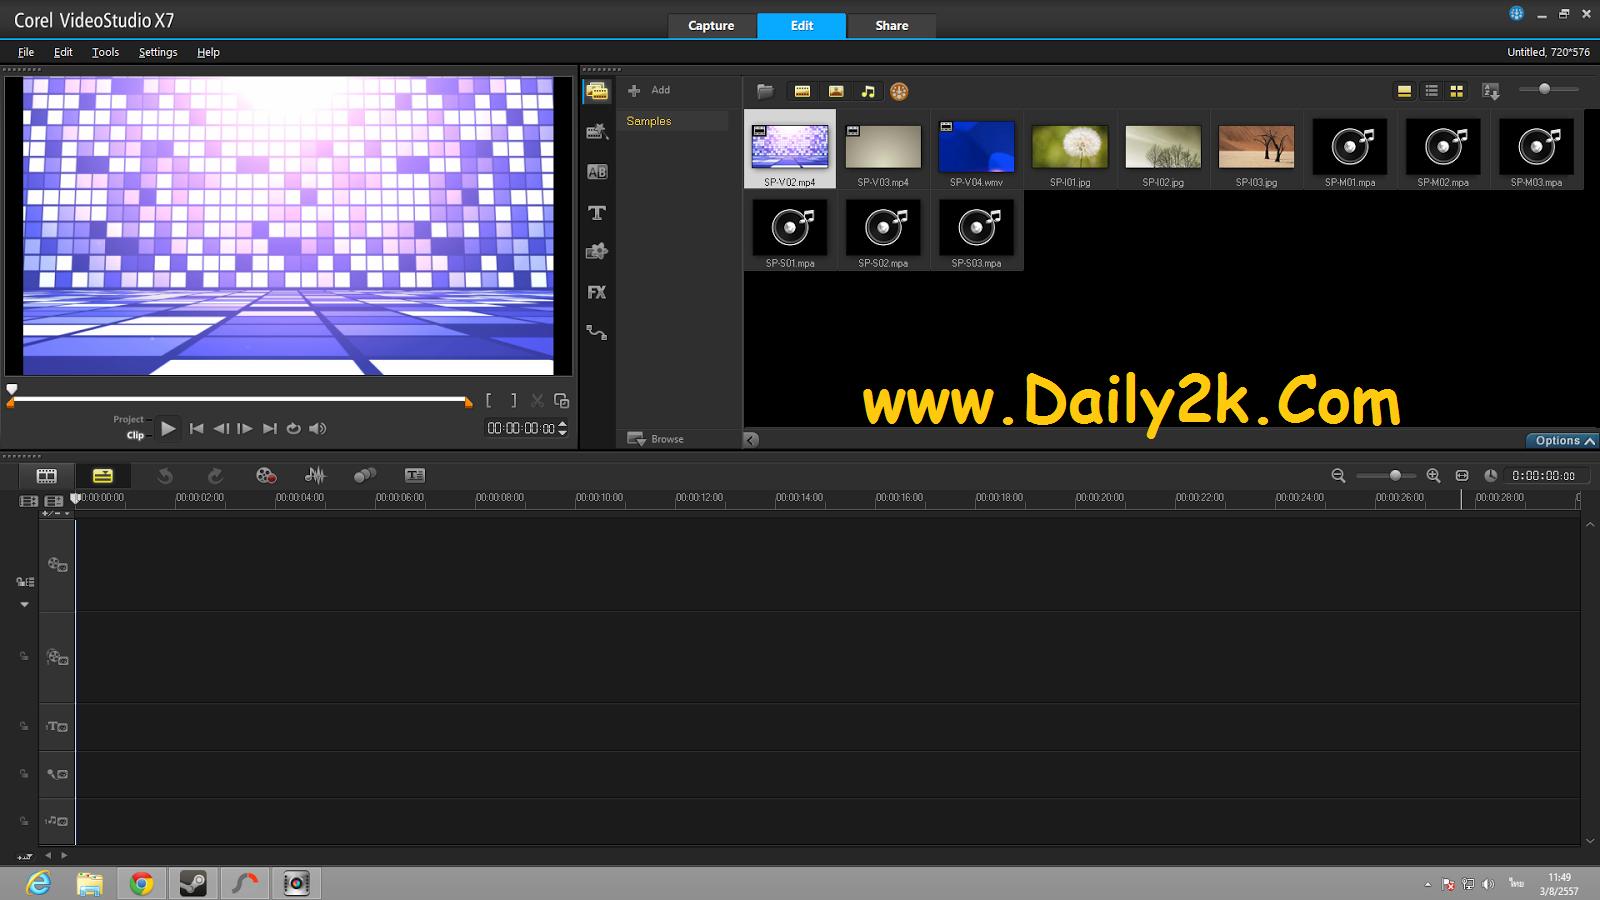 corel-video-studio-keygen-www-daily2k-com